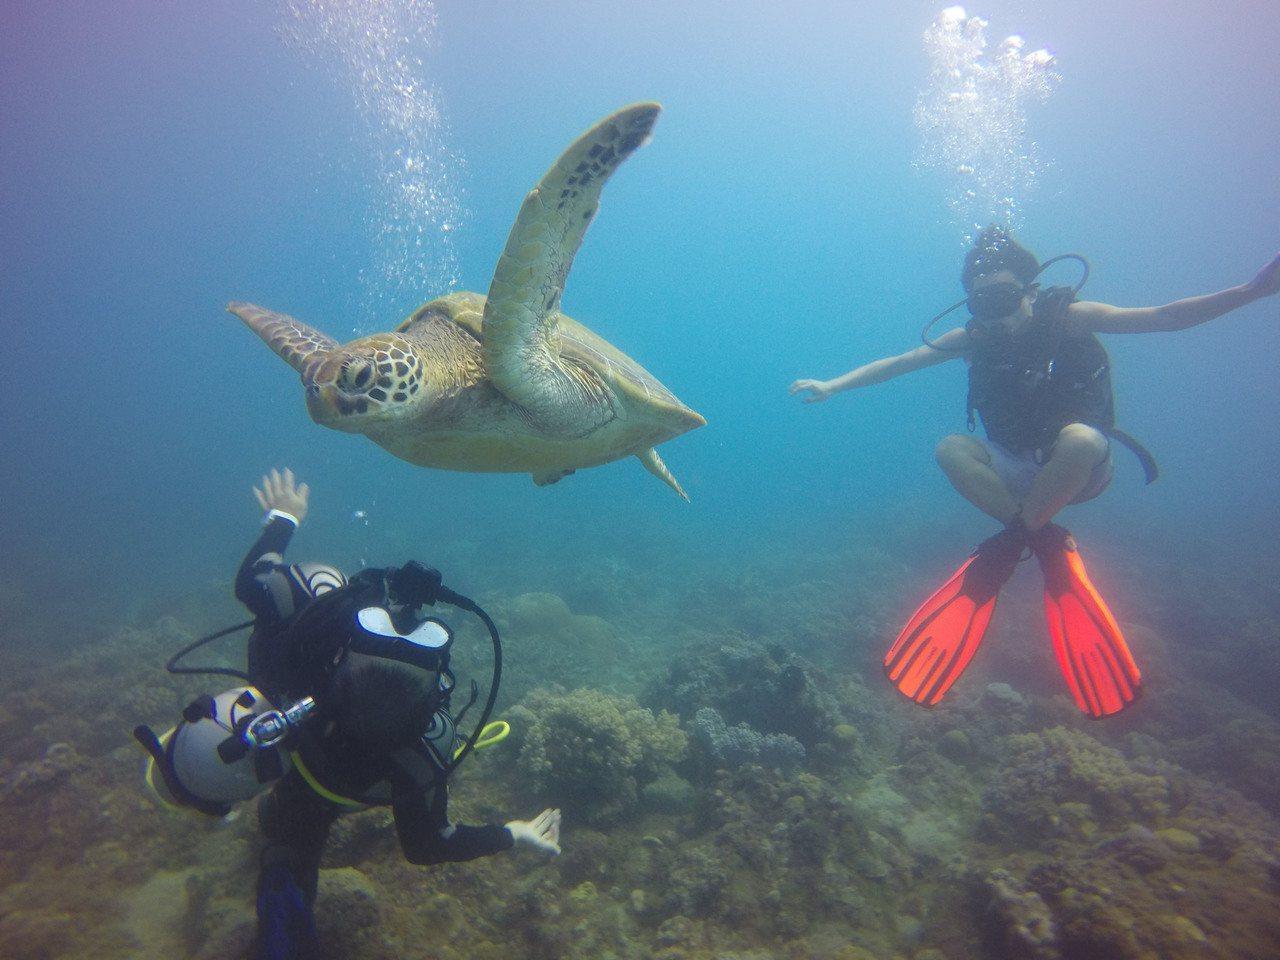 得天獨厚的環境,小琉球是許多綠蠵龜的棲息地,也吸引許多遊客造訪,體驗潛水同時和綠...